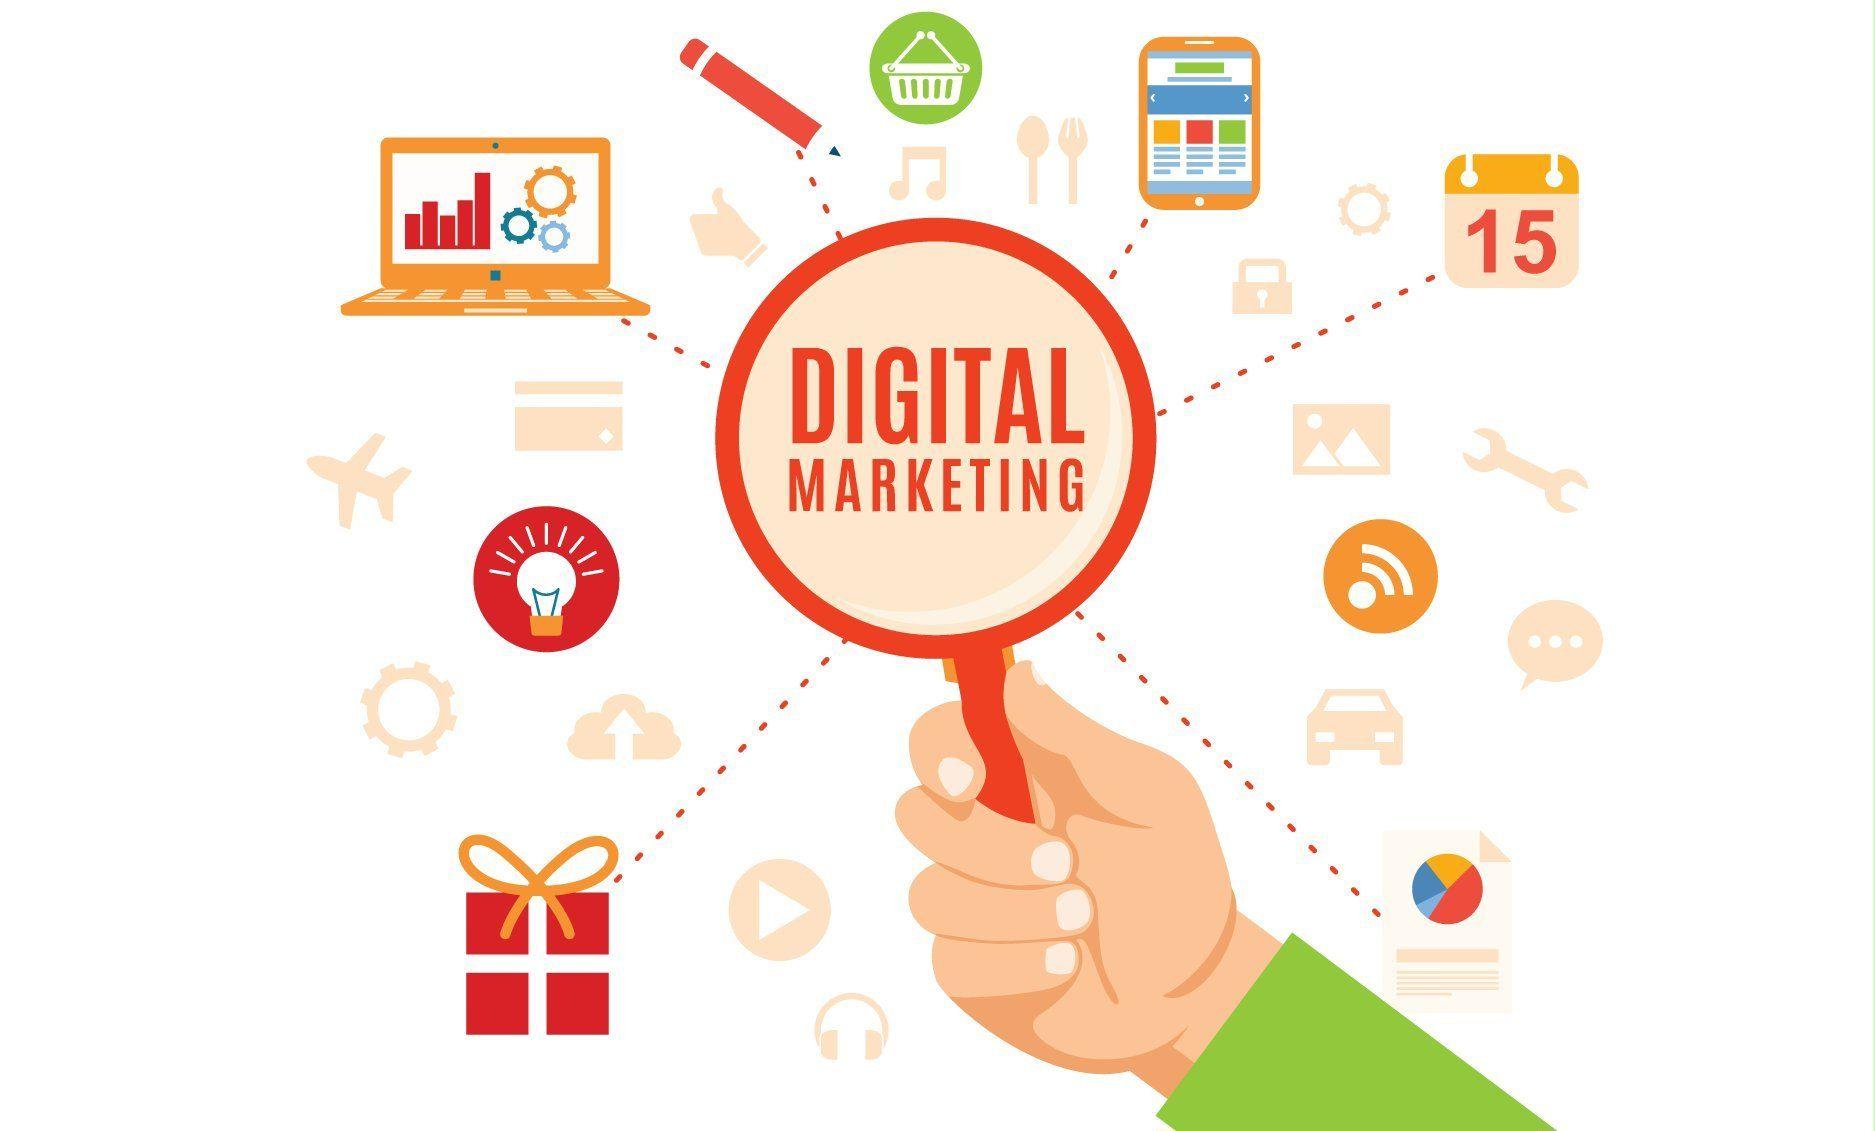 mas-digital-marketing-slider-digital-marketing